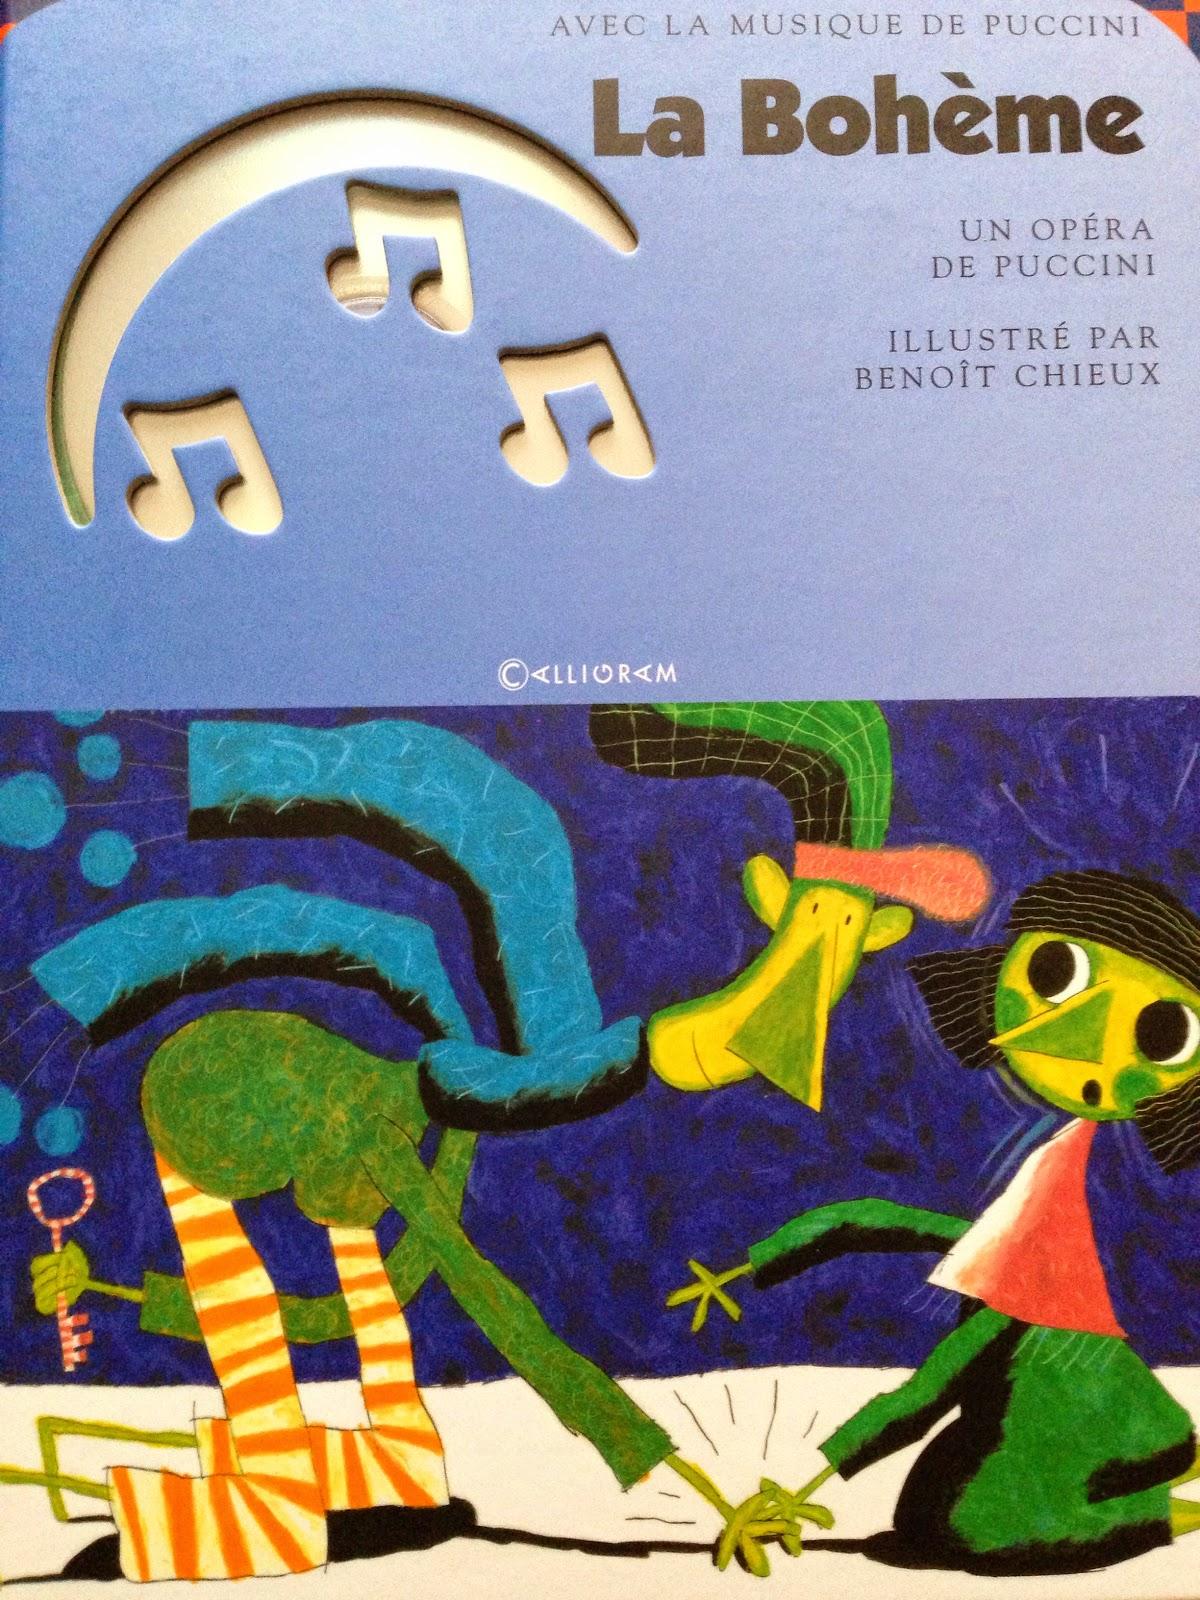 Corso di francese per bambini a roma le fate turchine